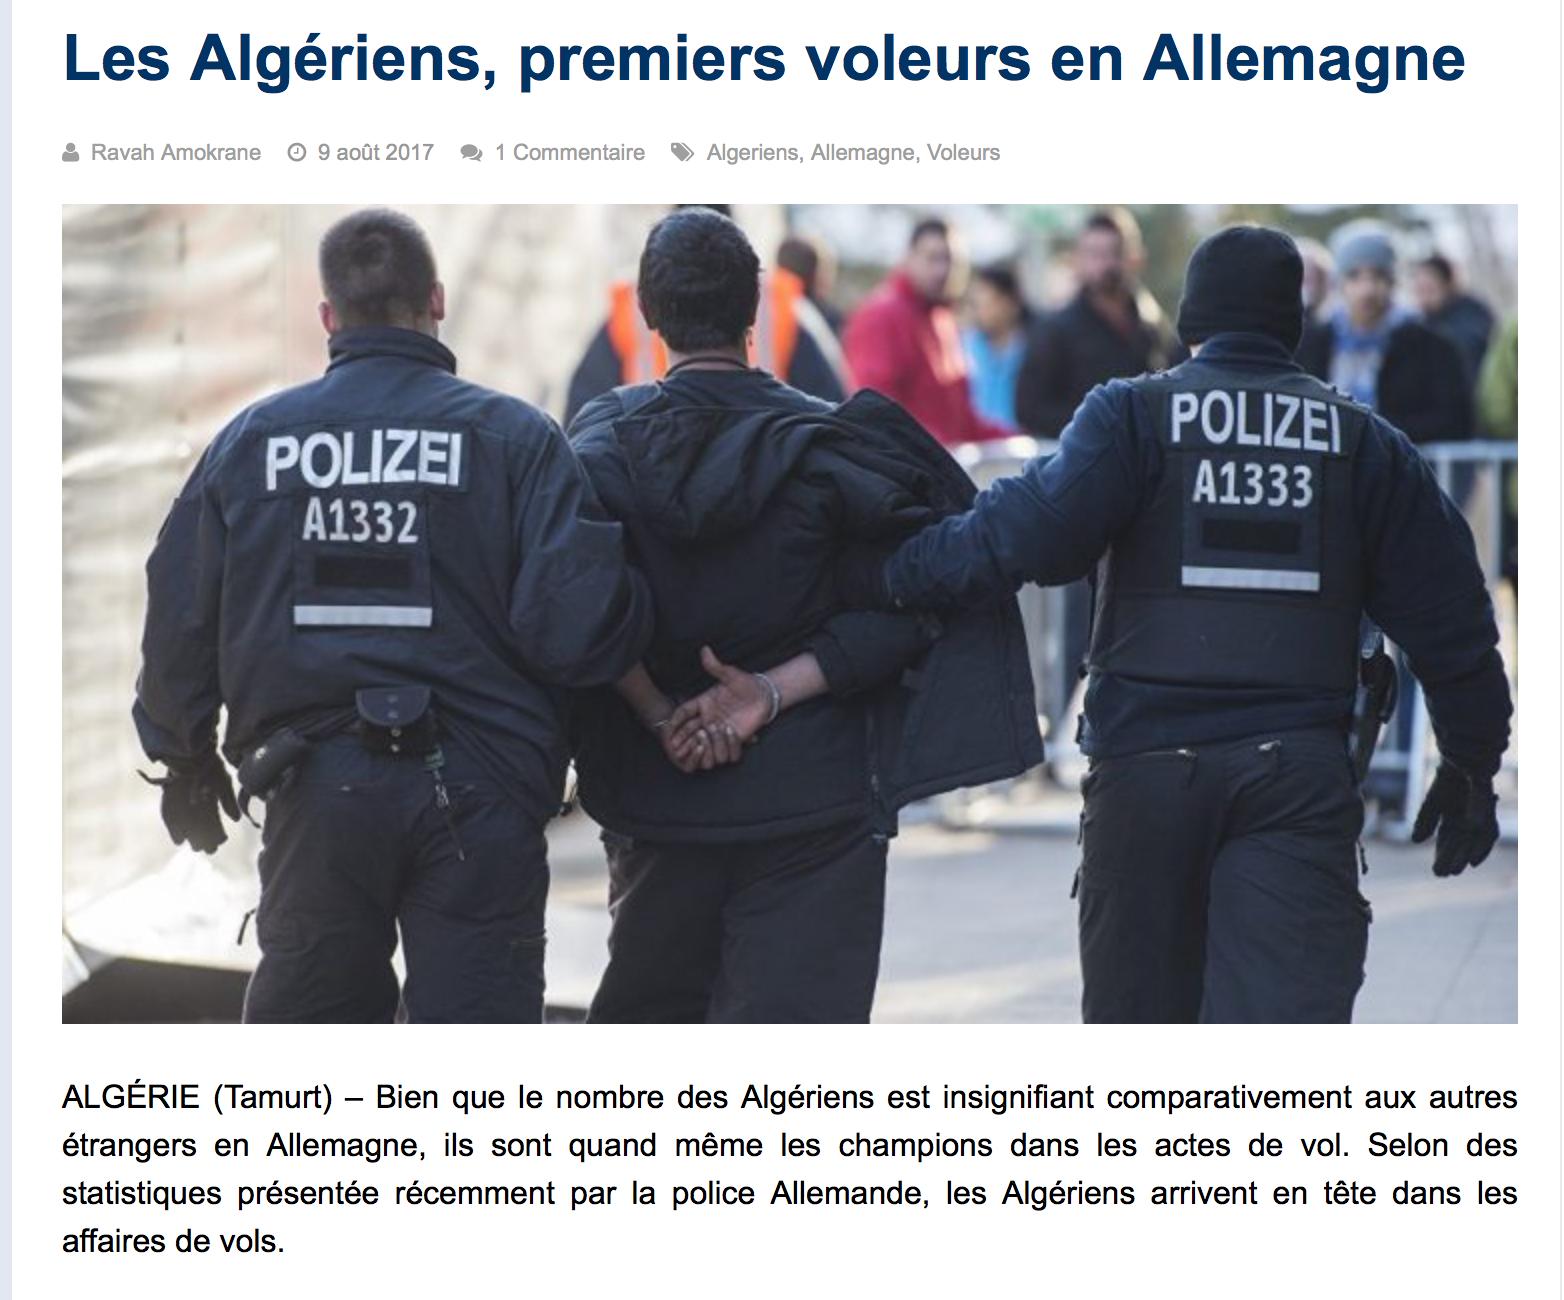 «Les Algériens leaders dans les affaires de vols et agressions en Allemagne» ?